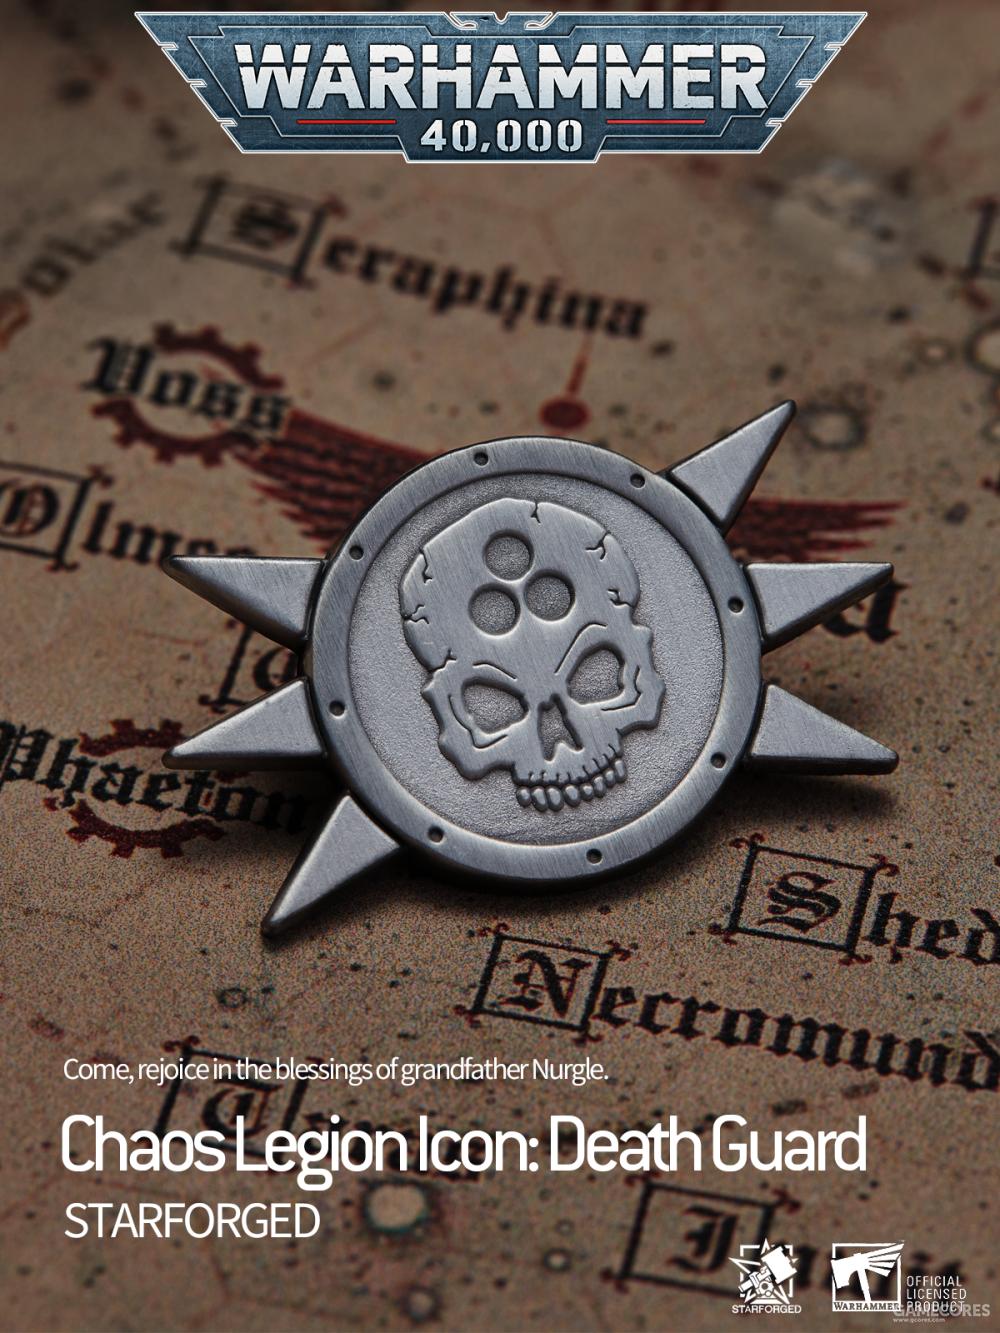 死亡守卫胸针